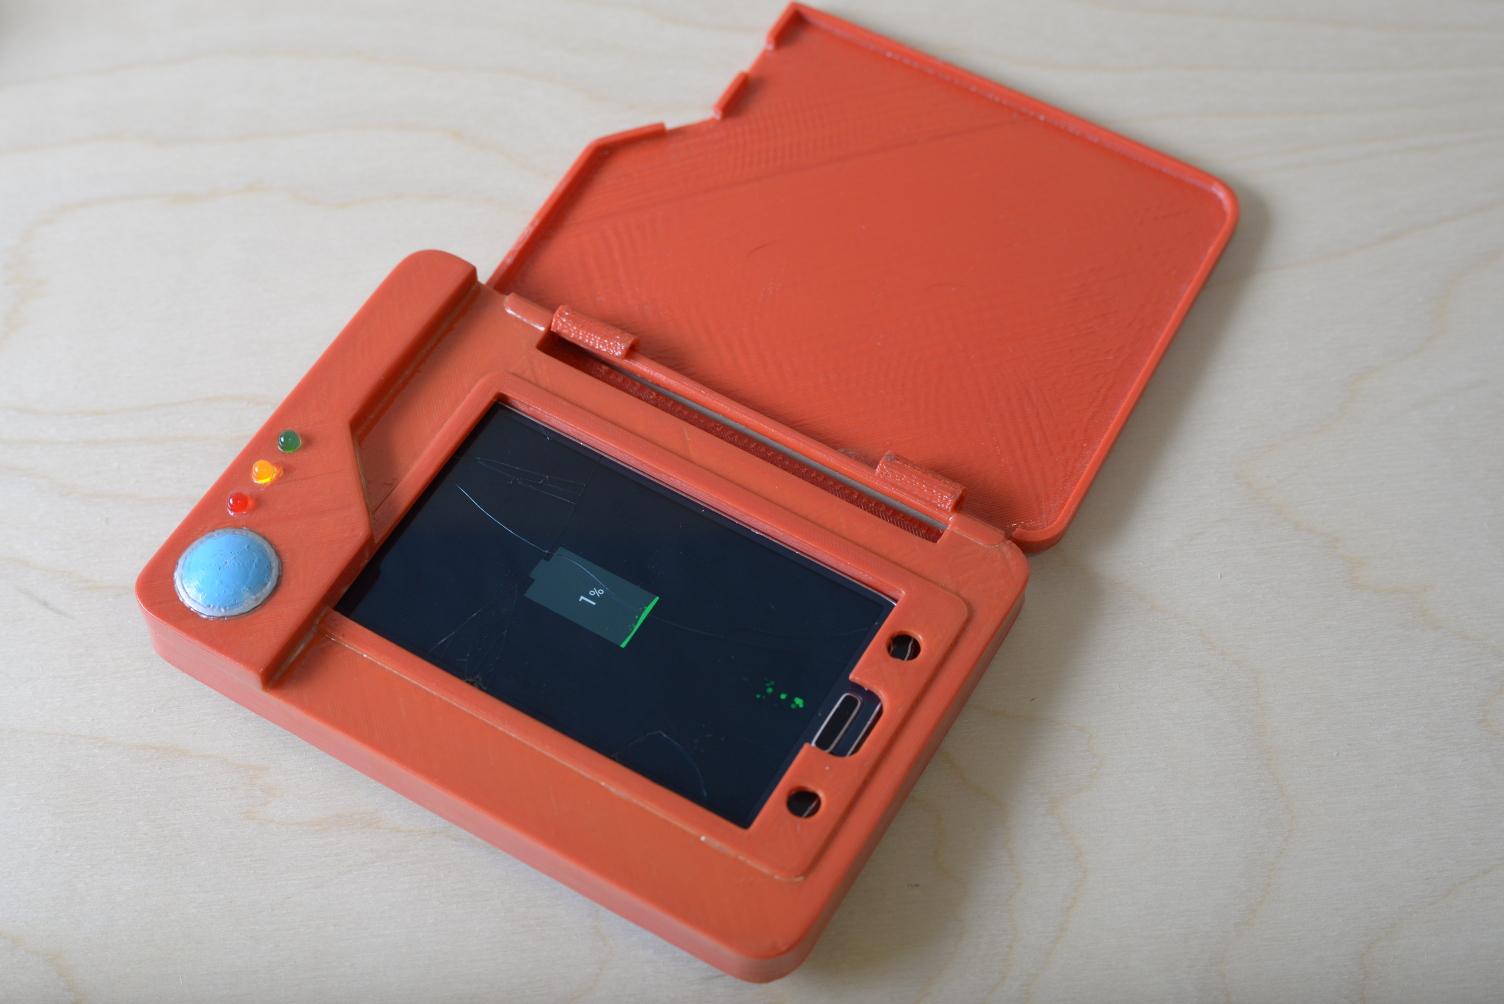 T³: Building a battery backup Pokédex for Pokémon Go! - News